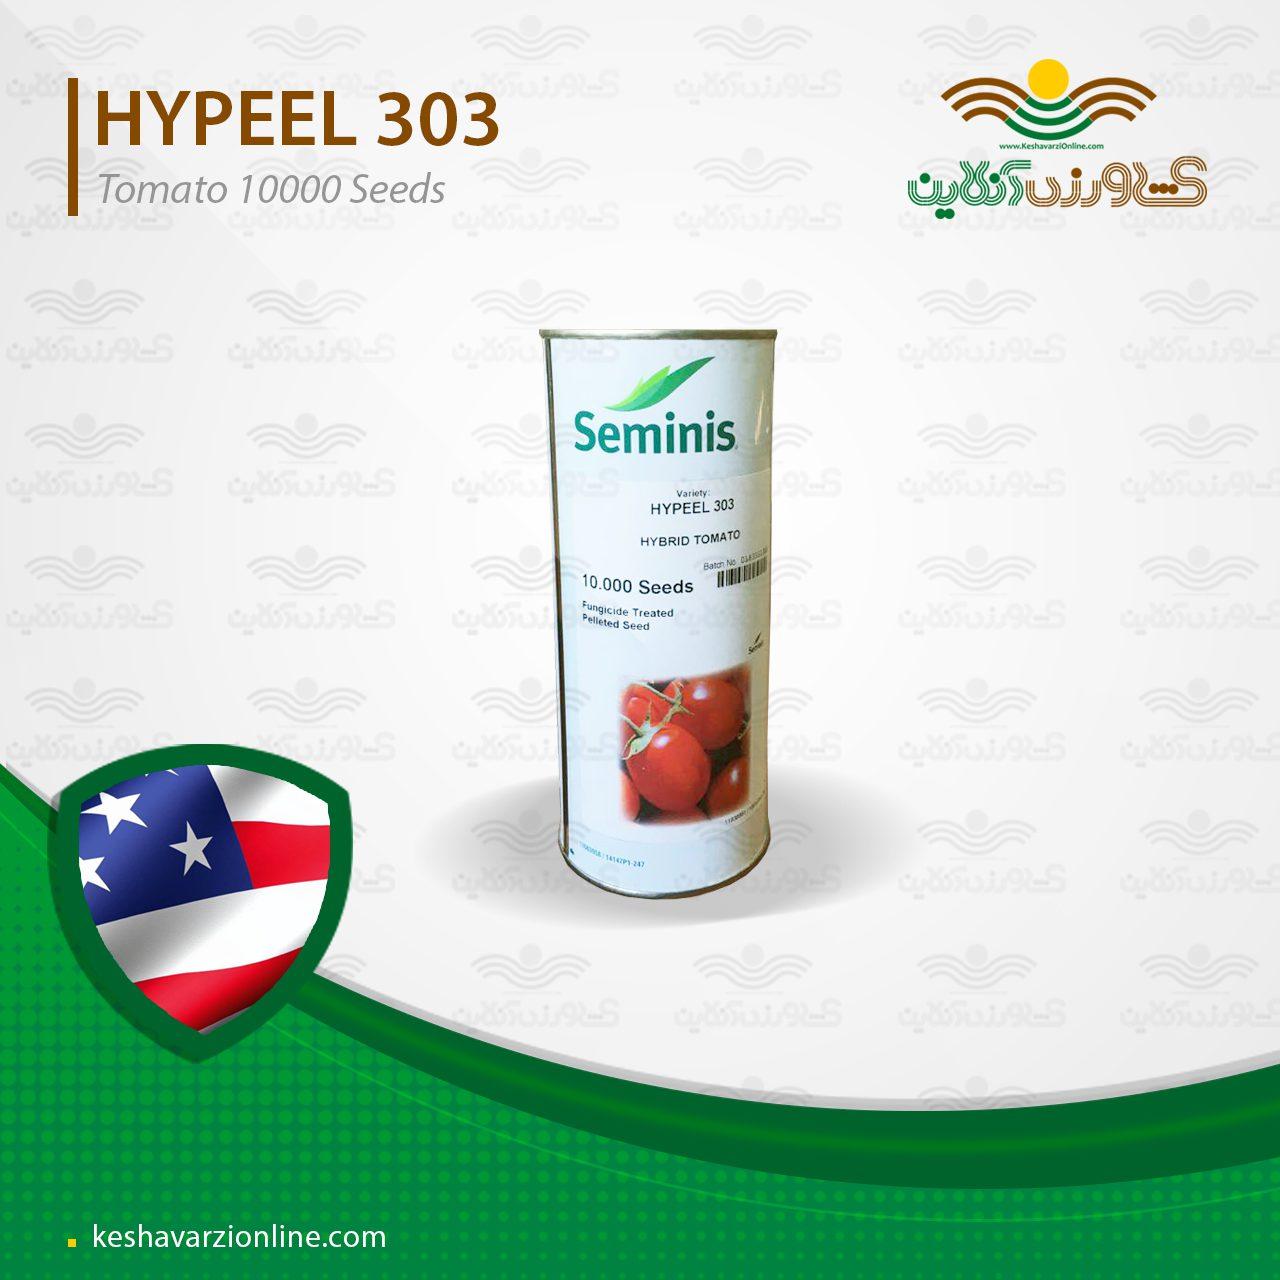 بذر گوجه فرنگی های پیل 303 سمینس